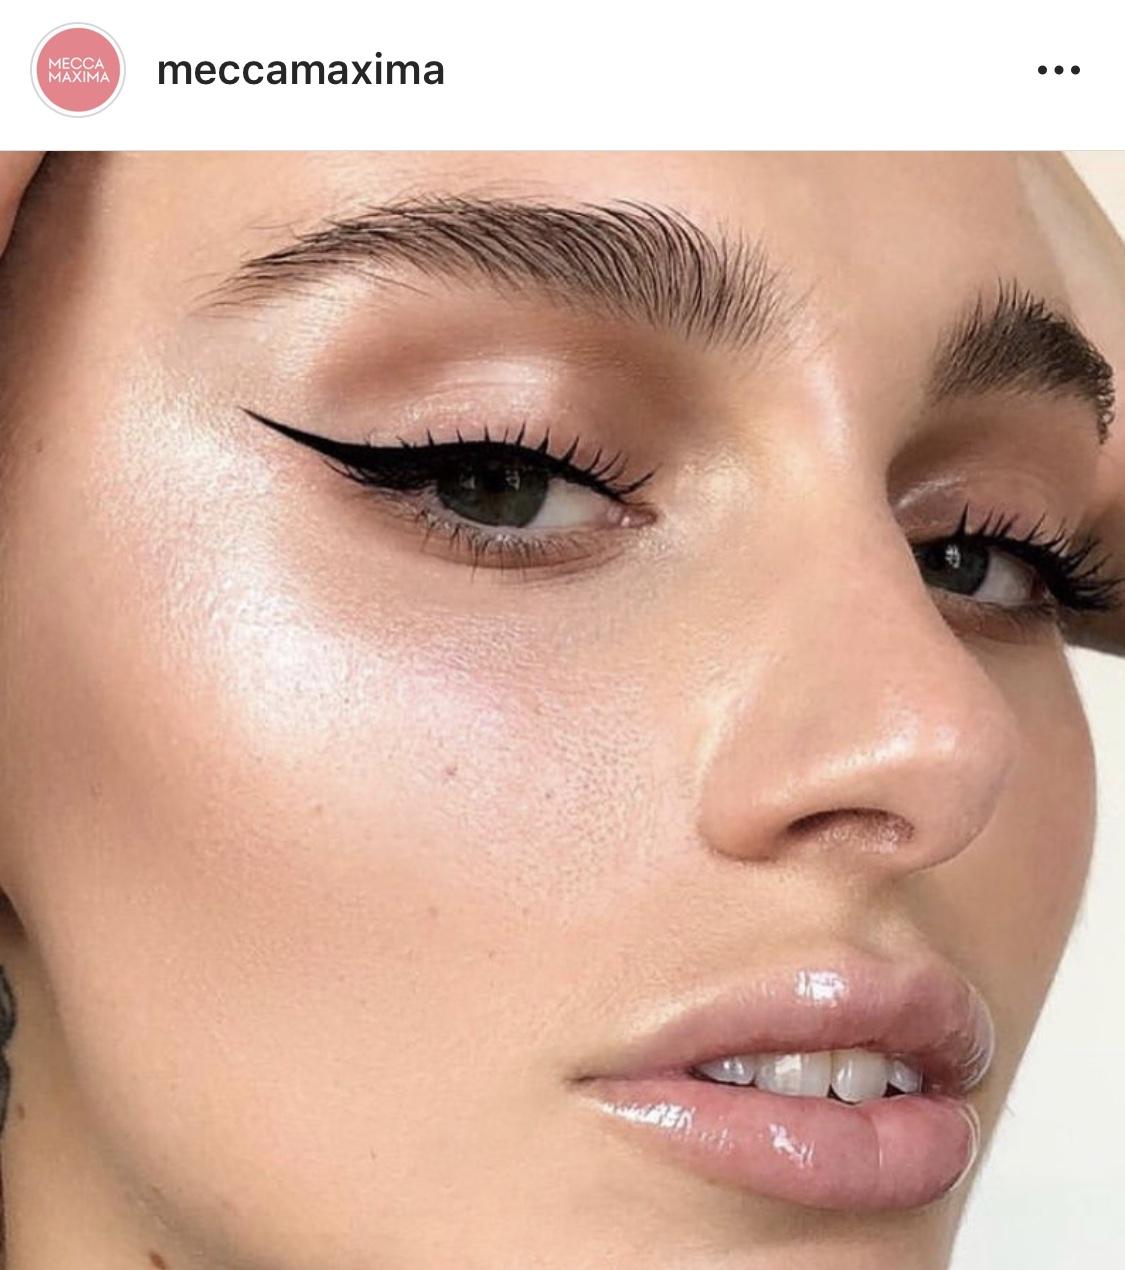 Mecca Maxima Instagram